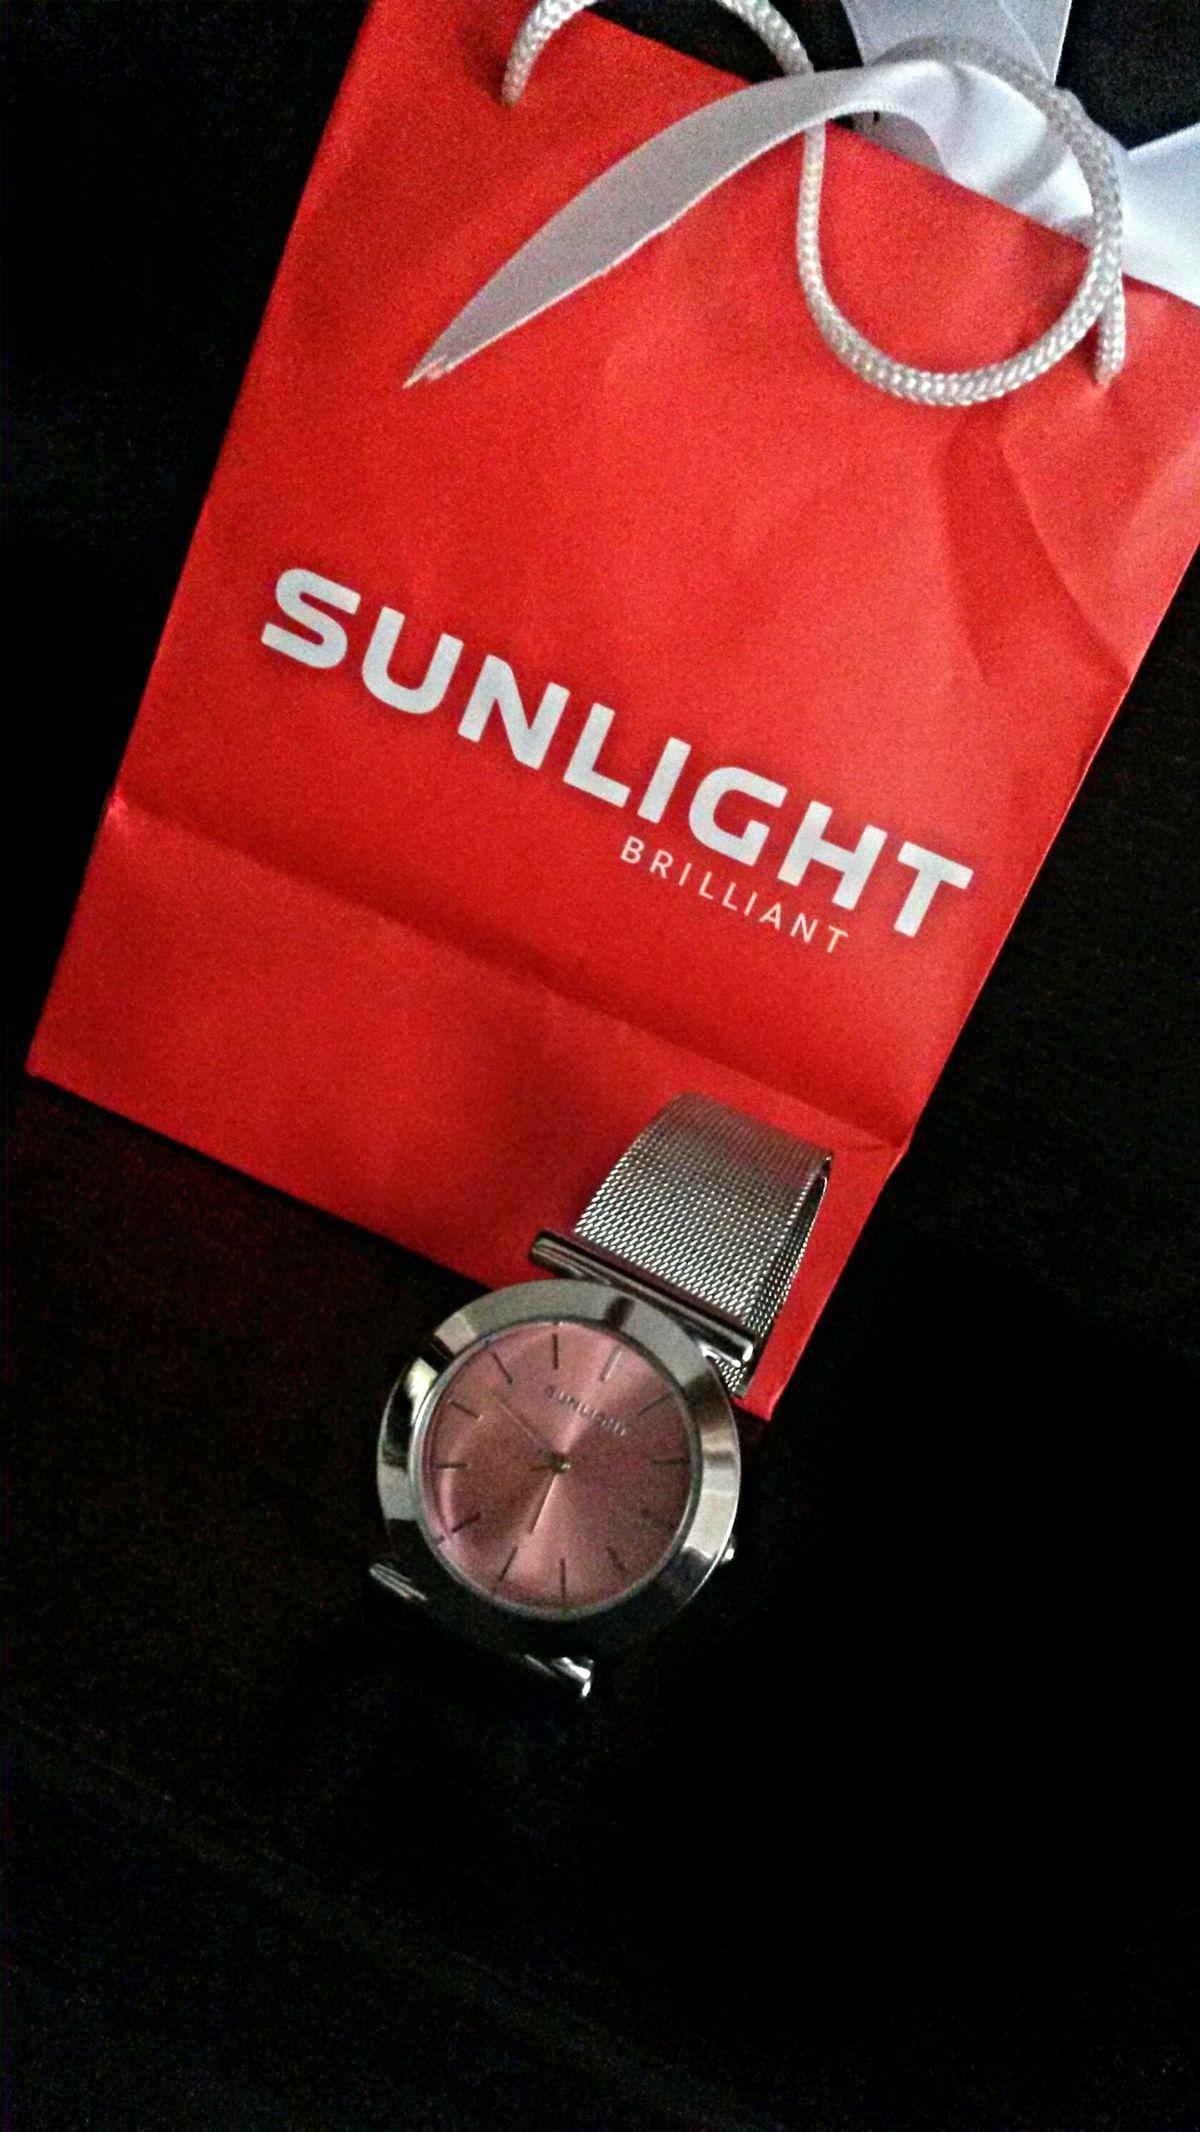 Теперь я точно знаю, что время можно купить...